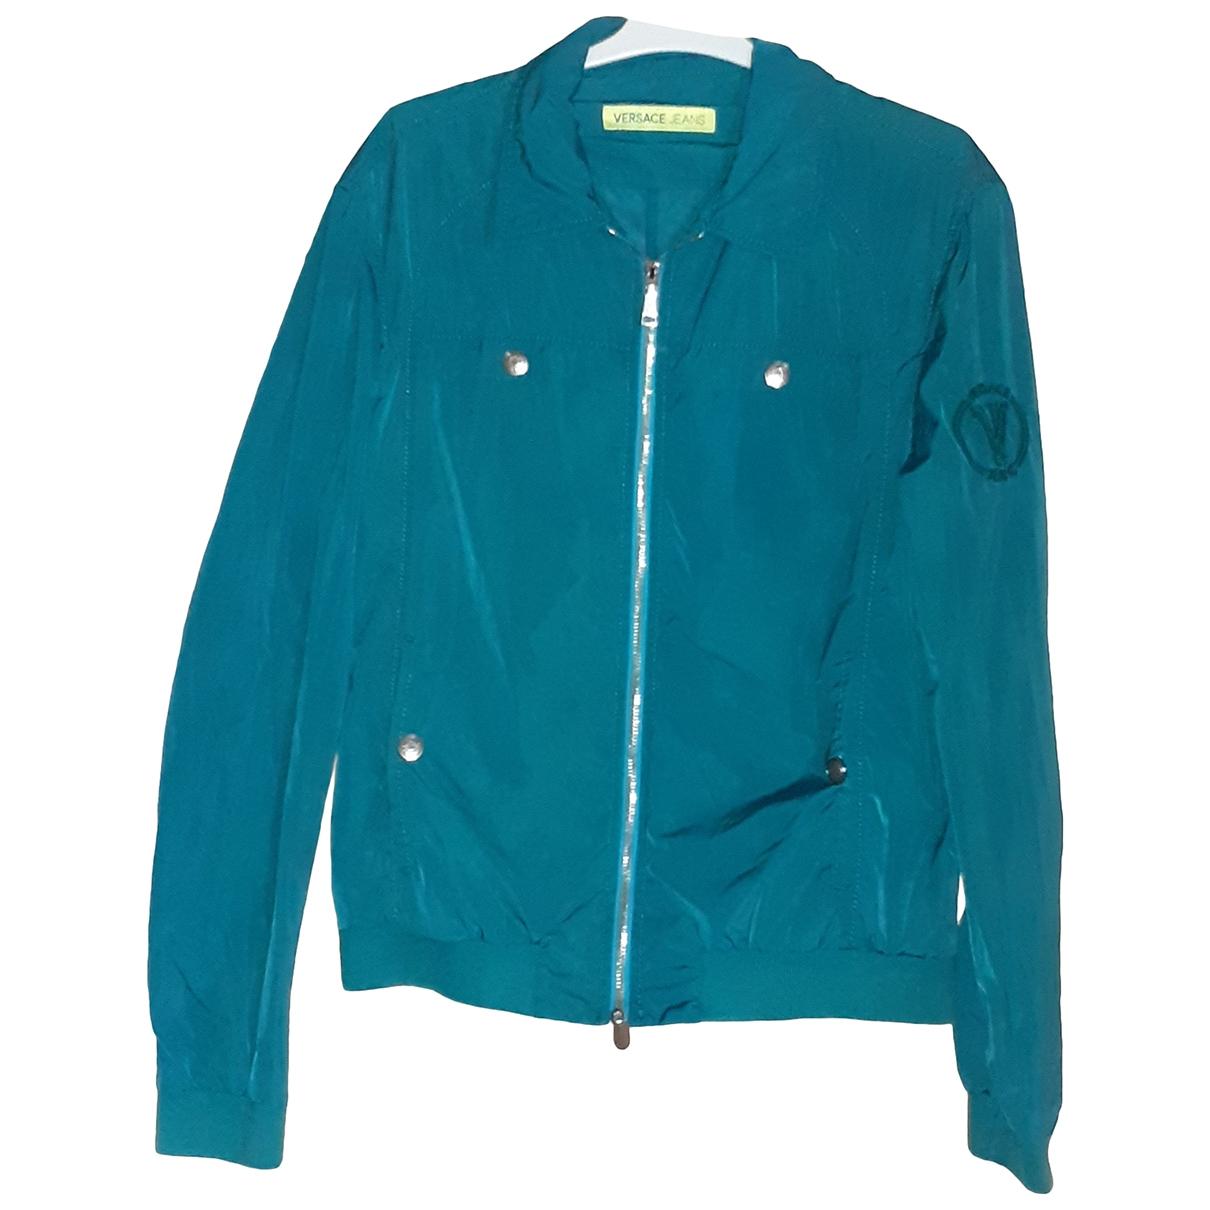 Versace Jeans \N Jacke in  Gruen Polyester